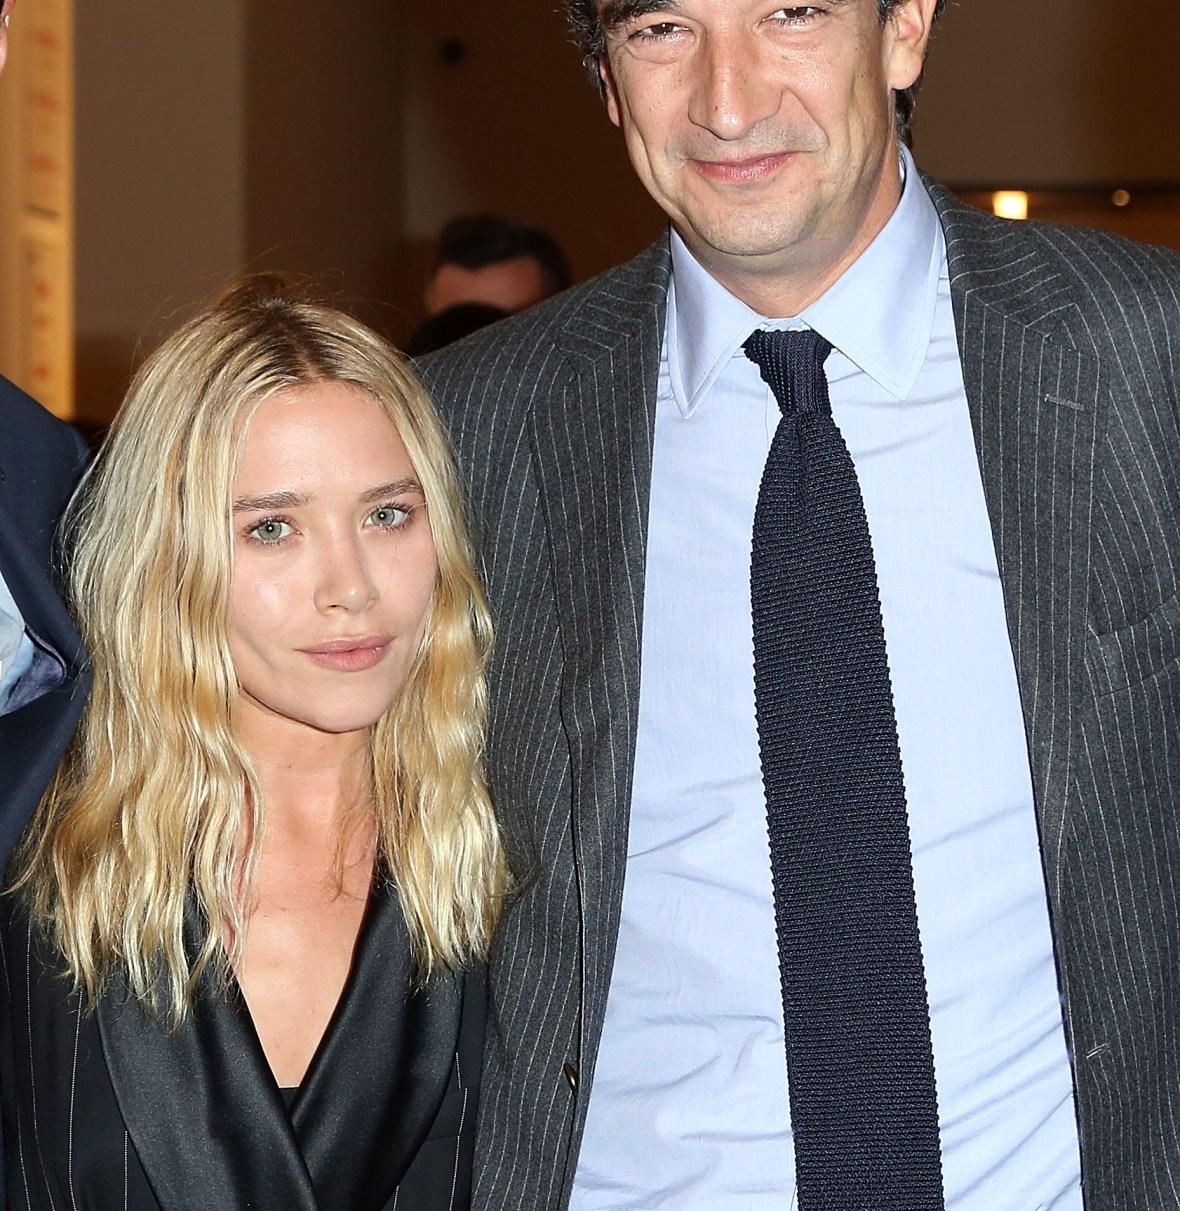 Mary Kate Olsen dating Olivier